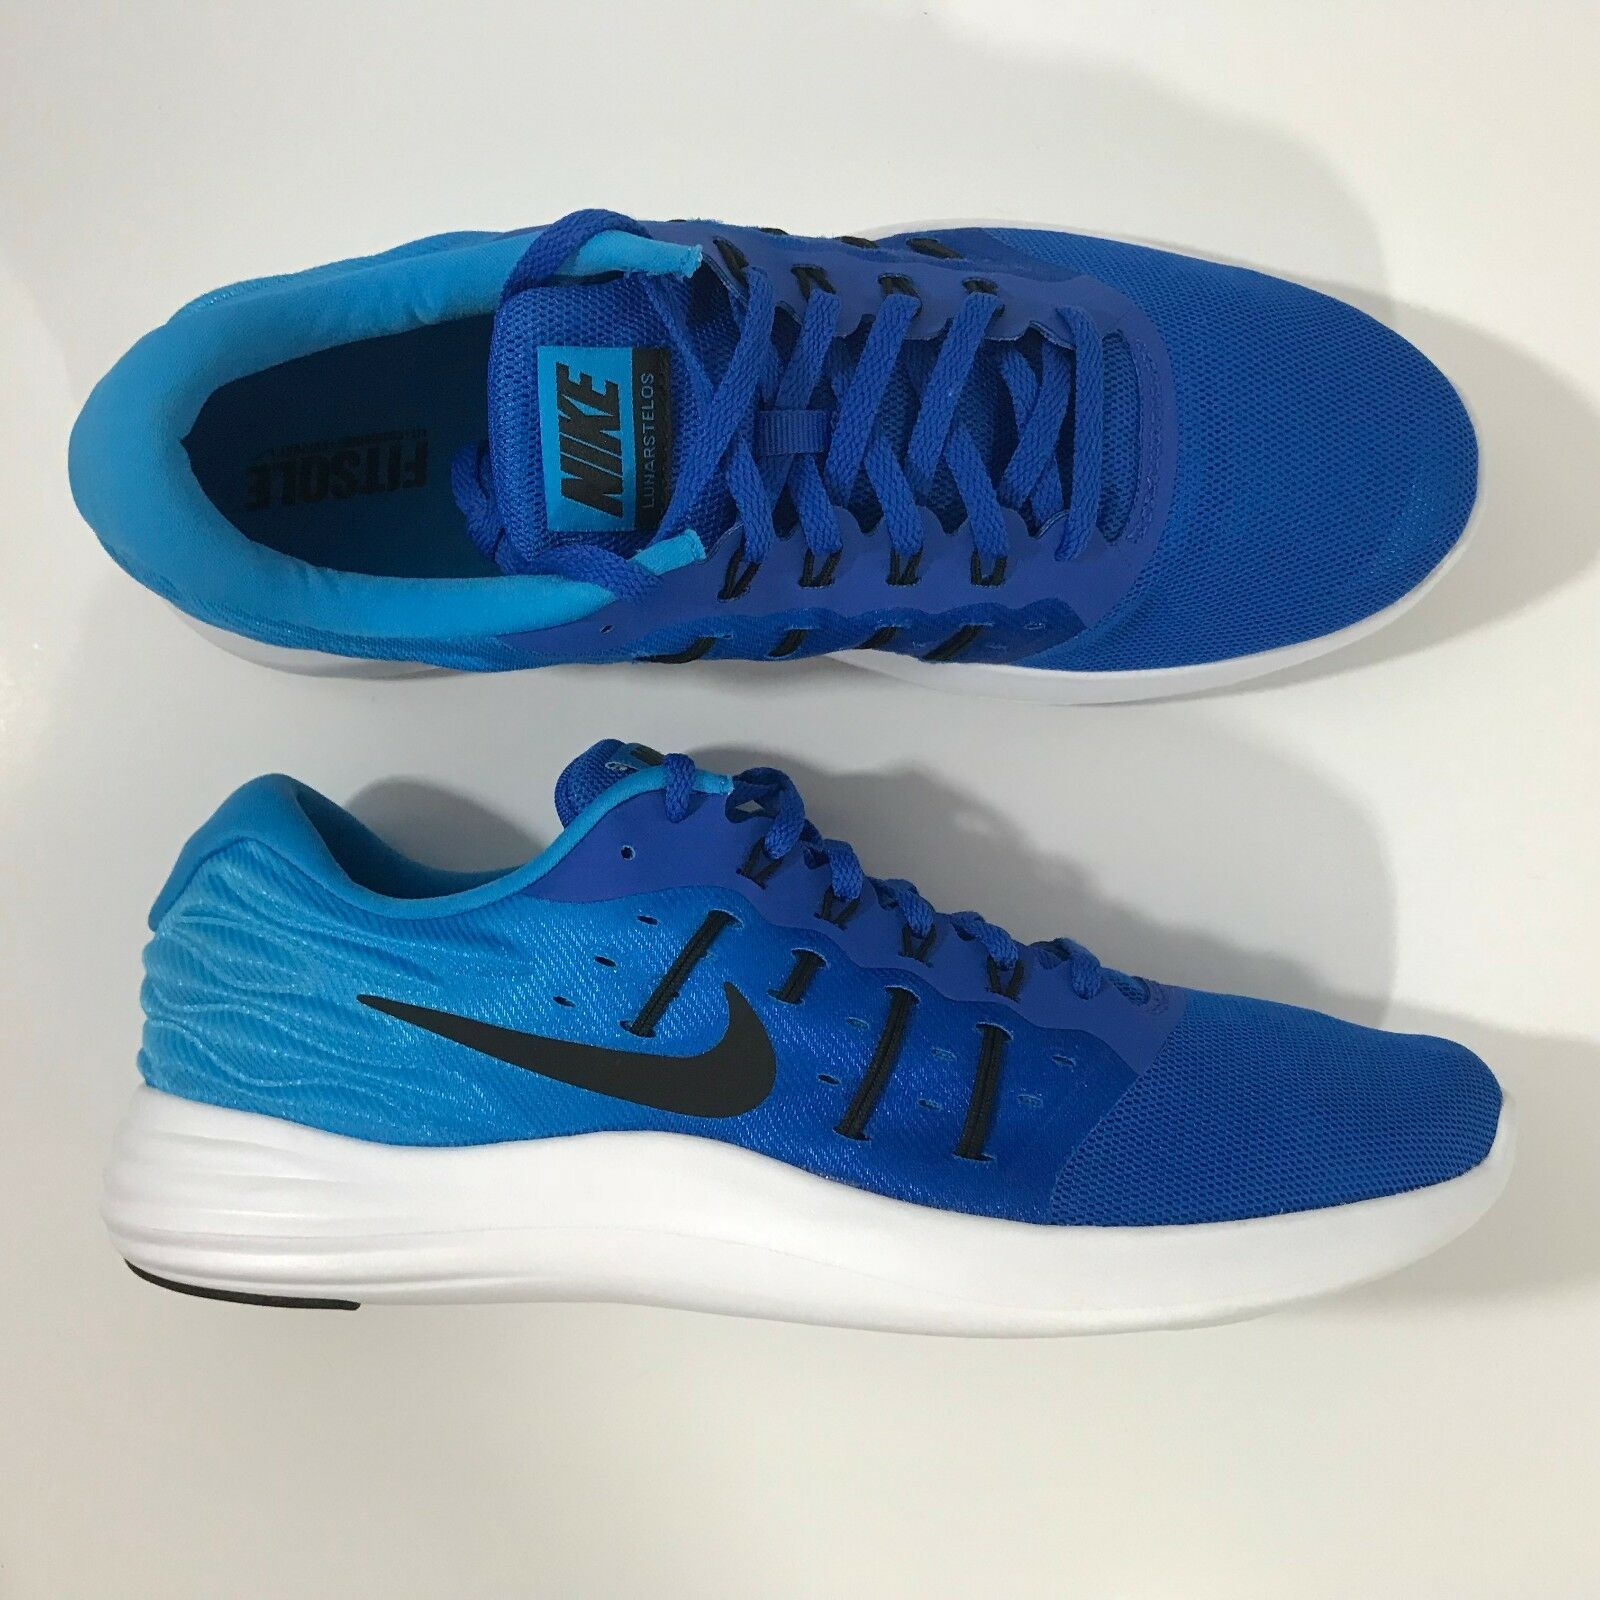 Nike lunarstelos 844591-400 laufen - schwarz, blau 11,5 - e -  11,5 blau cbce14